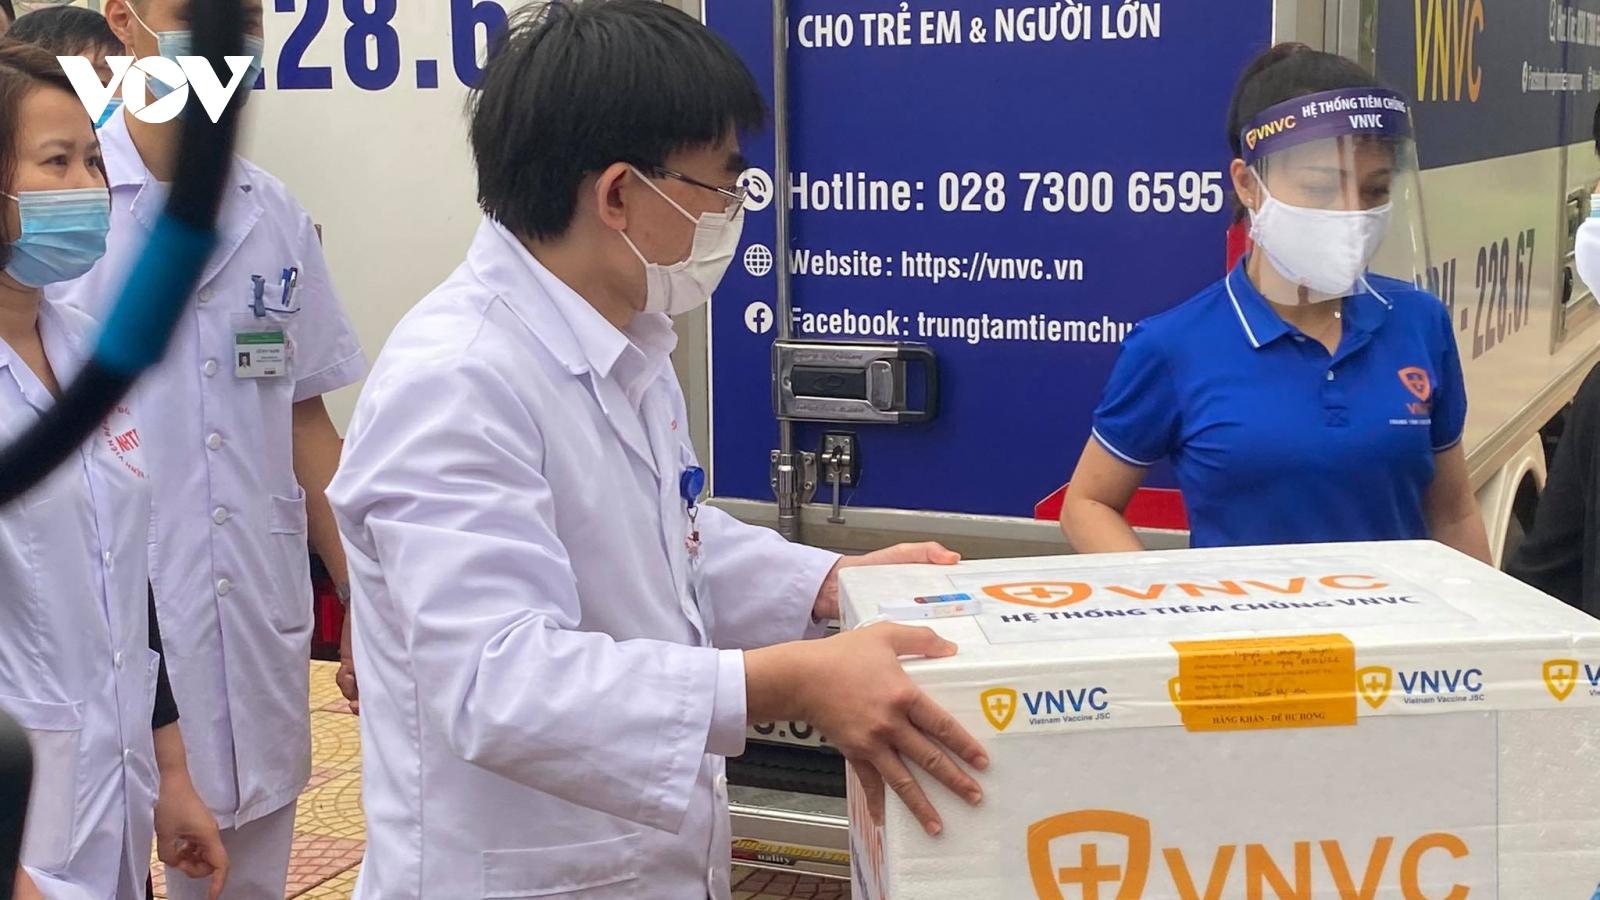 100 cán bộ, nhân viên y tế Bệnh viện Bệnh Nhiệt đới Trung ương tiêm vaccine COVID-19